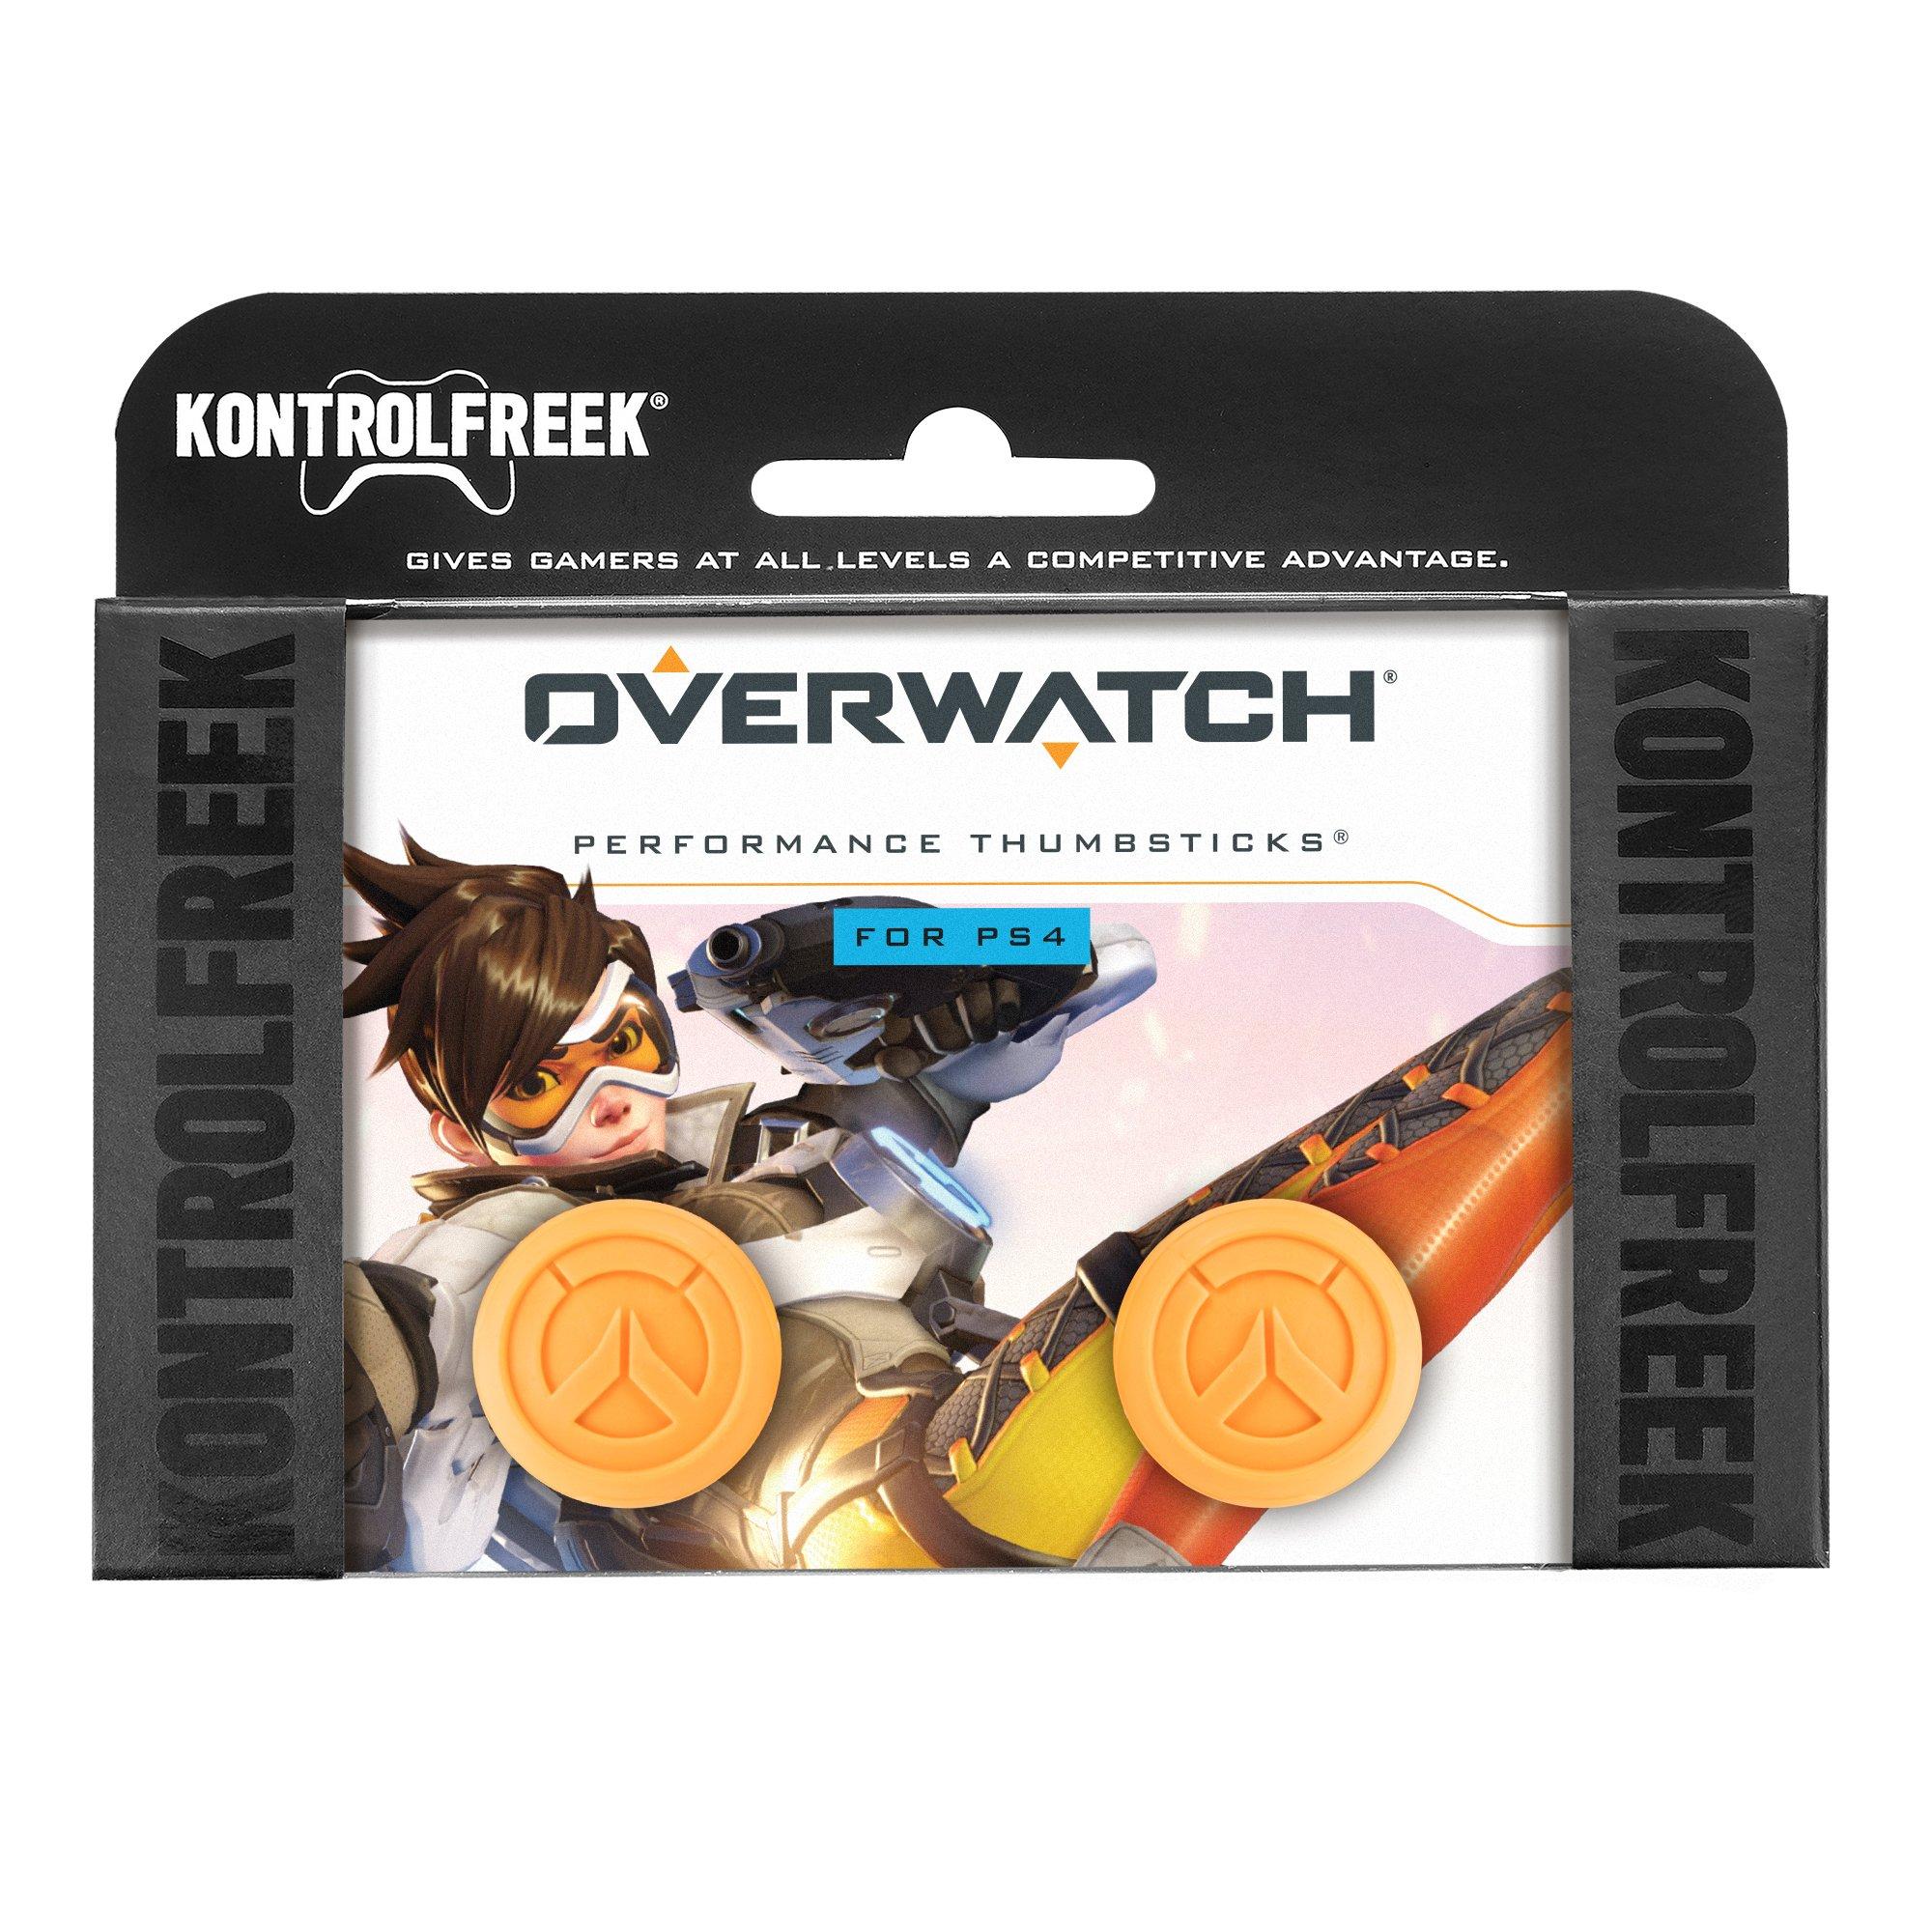 KontrolFreek Overwatch (PS4) by KontrolFreek